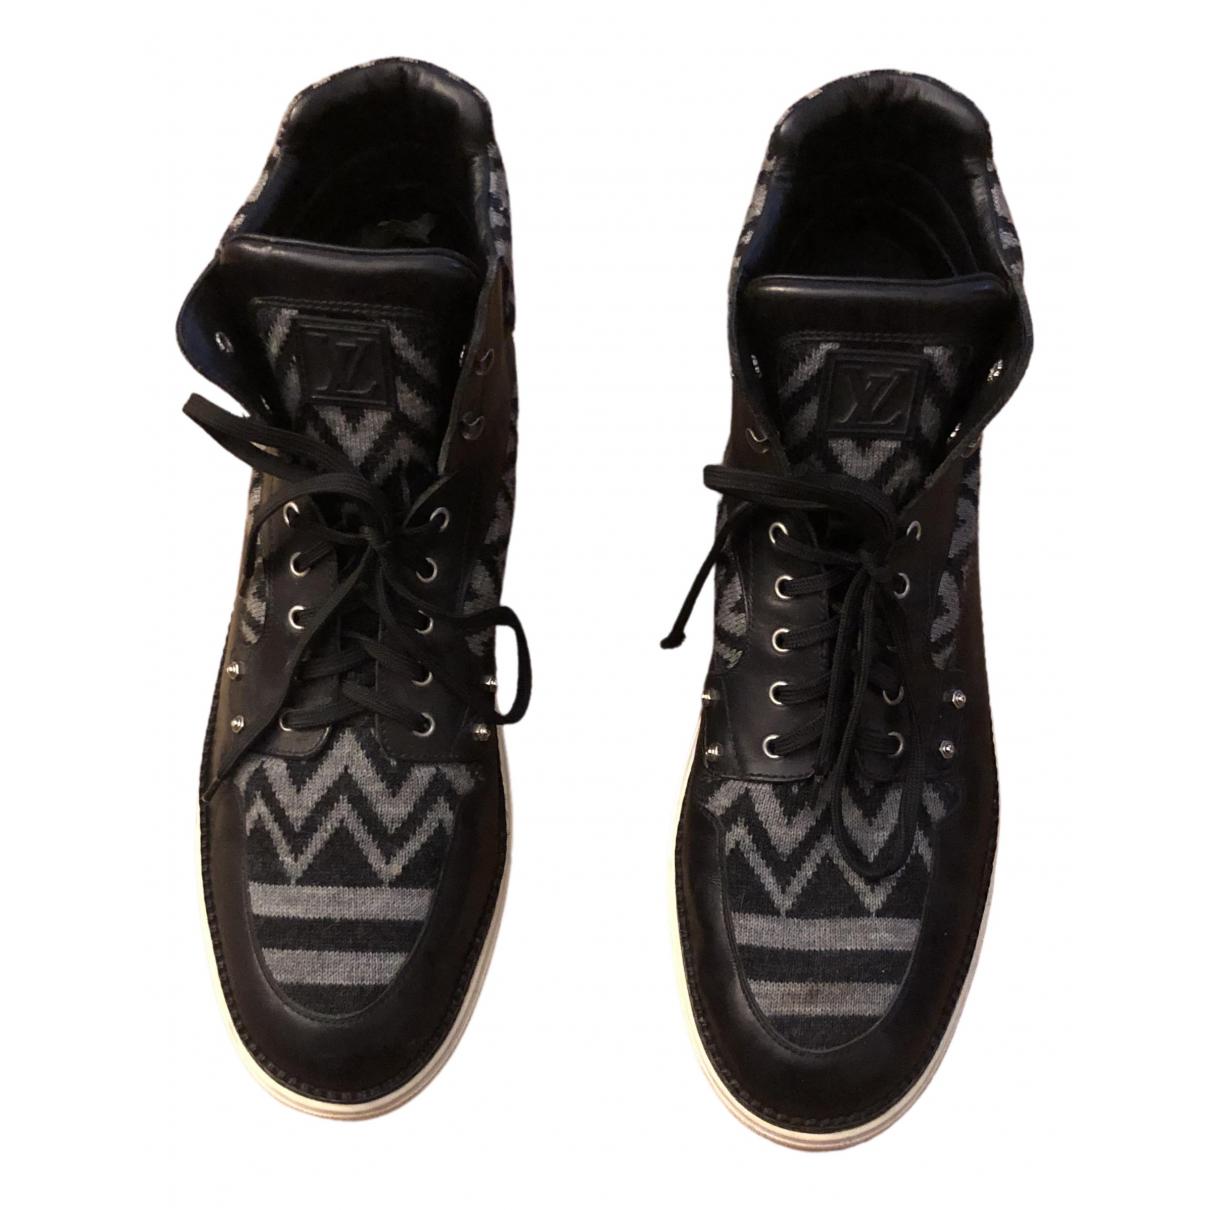 Louis Vuitton \N Black Leather Boots for Men 46 EU